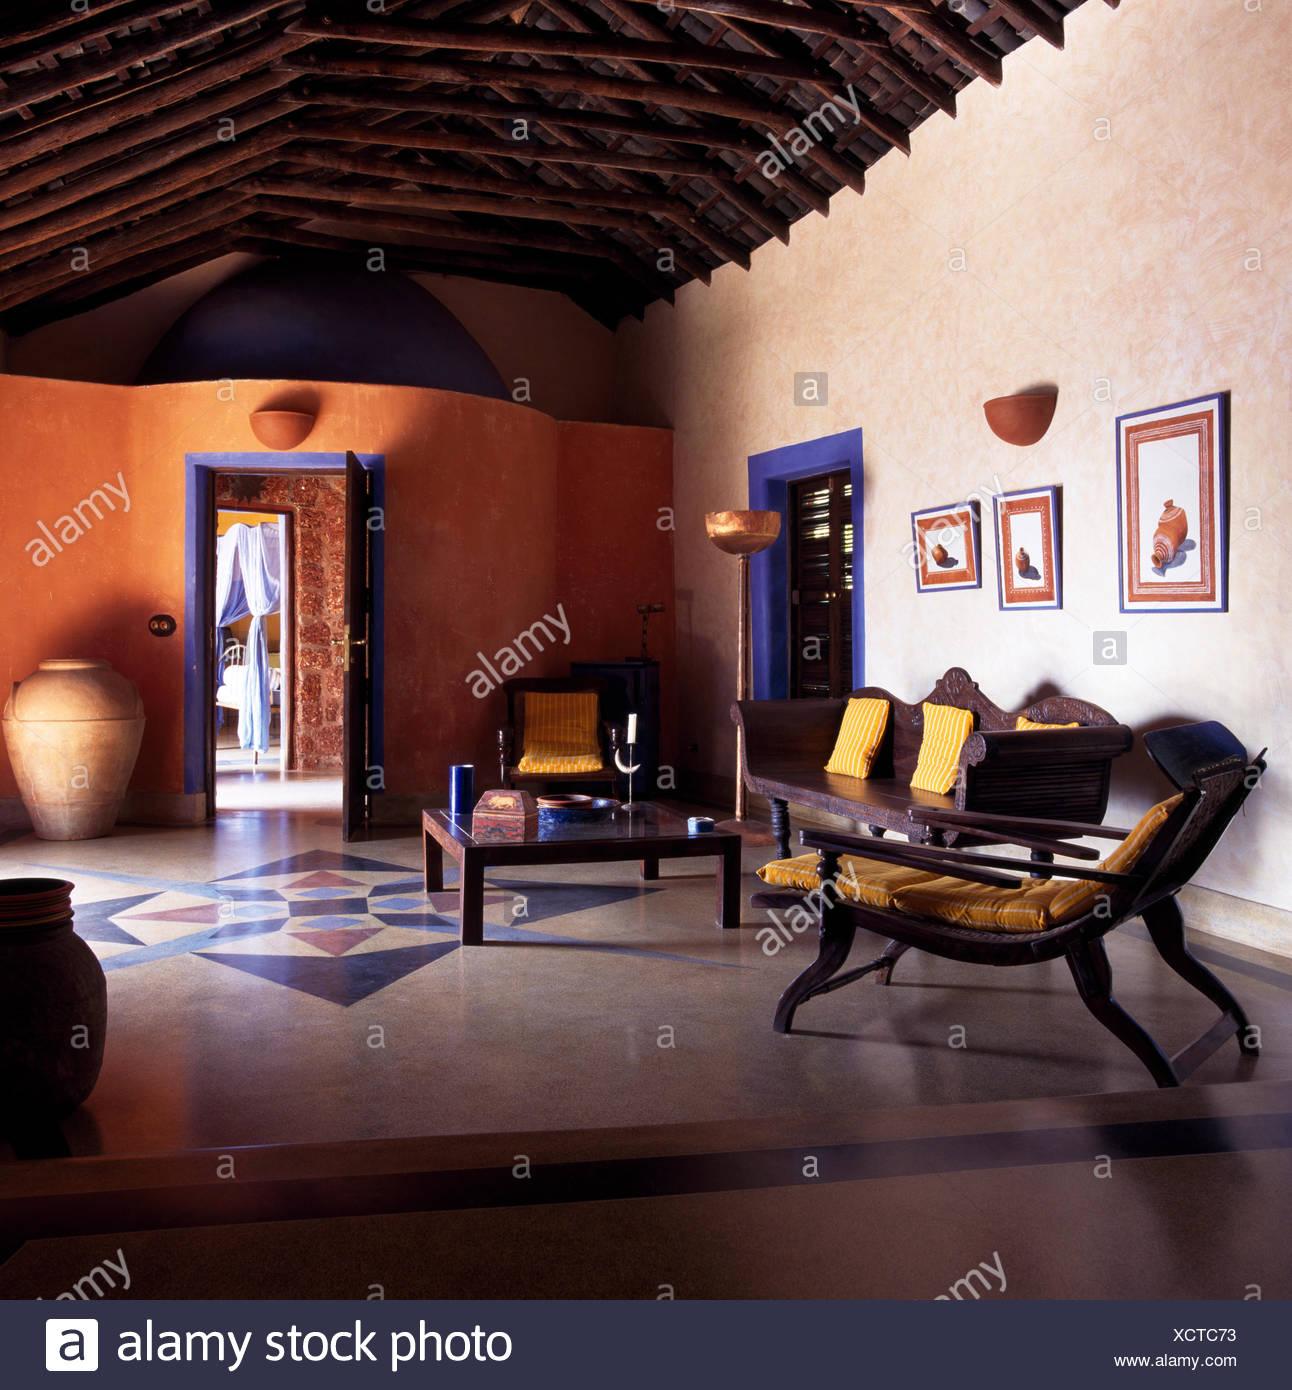 Marmorboden im indischen Wohnzimmer Stockfoto, Bild: 283278215 - Alamy